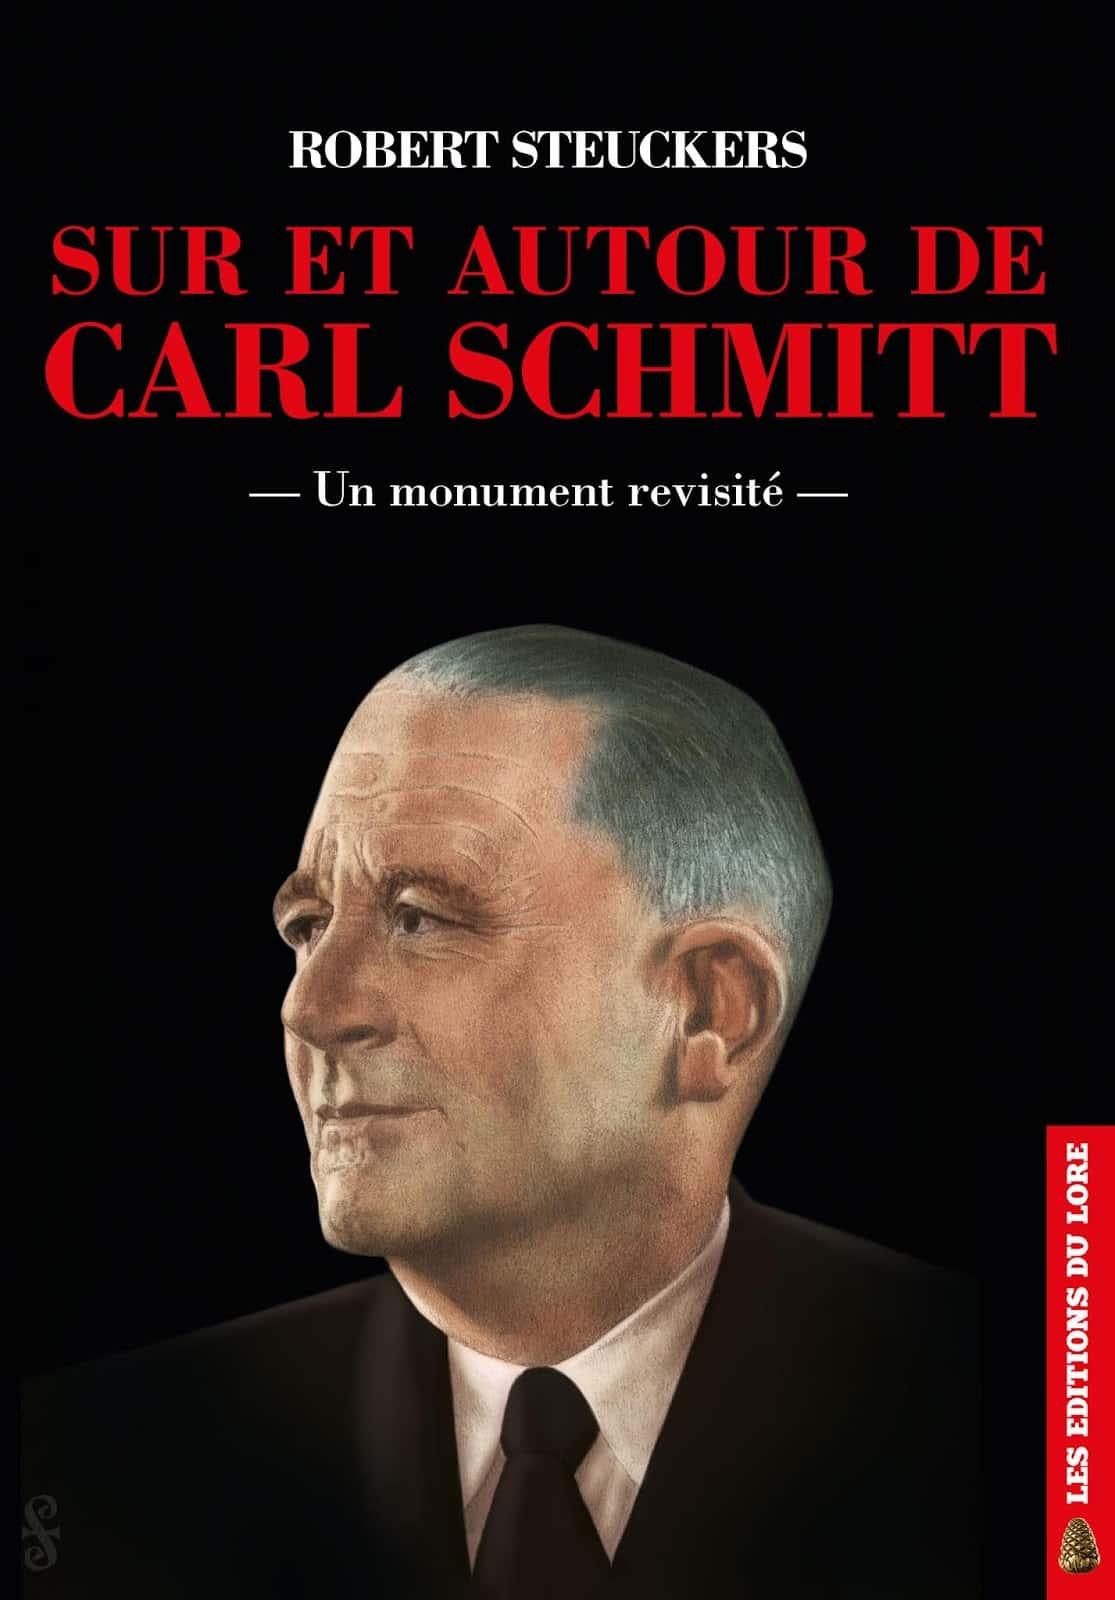 """""""Sur et autour de Carl Schmitt"""" de Robert Steuckers (Éd. du Lore)."""